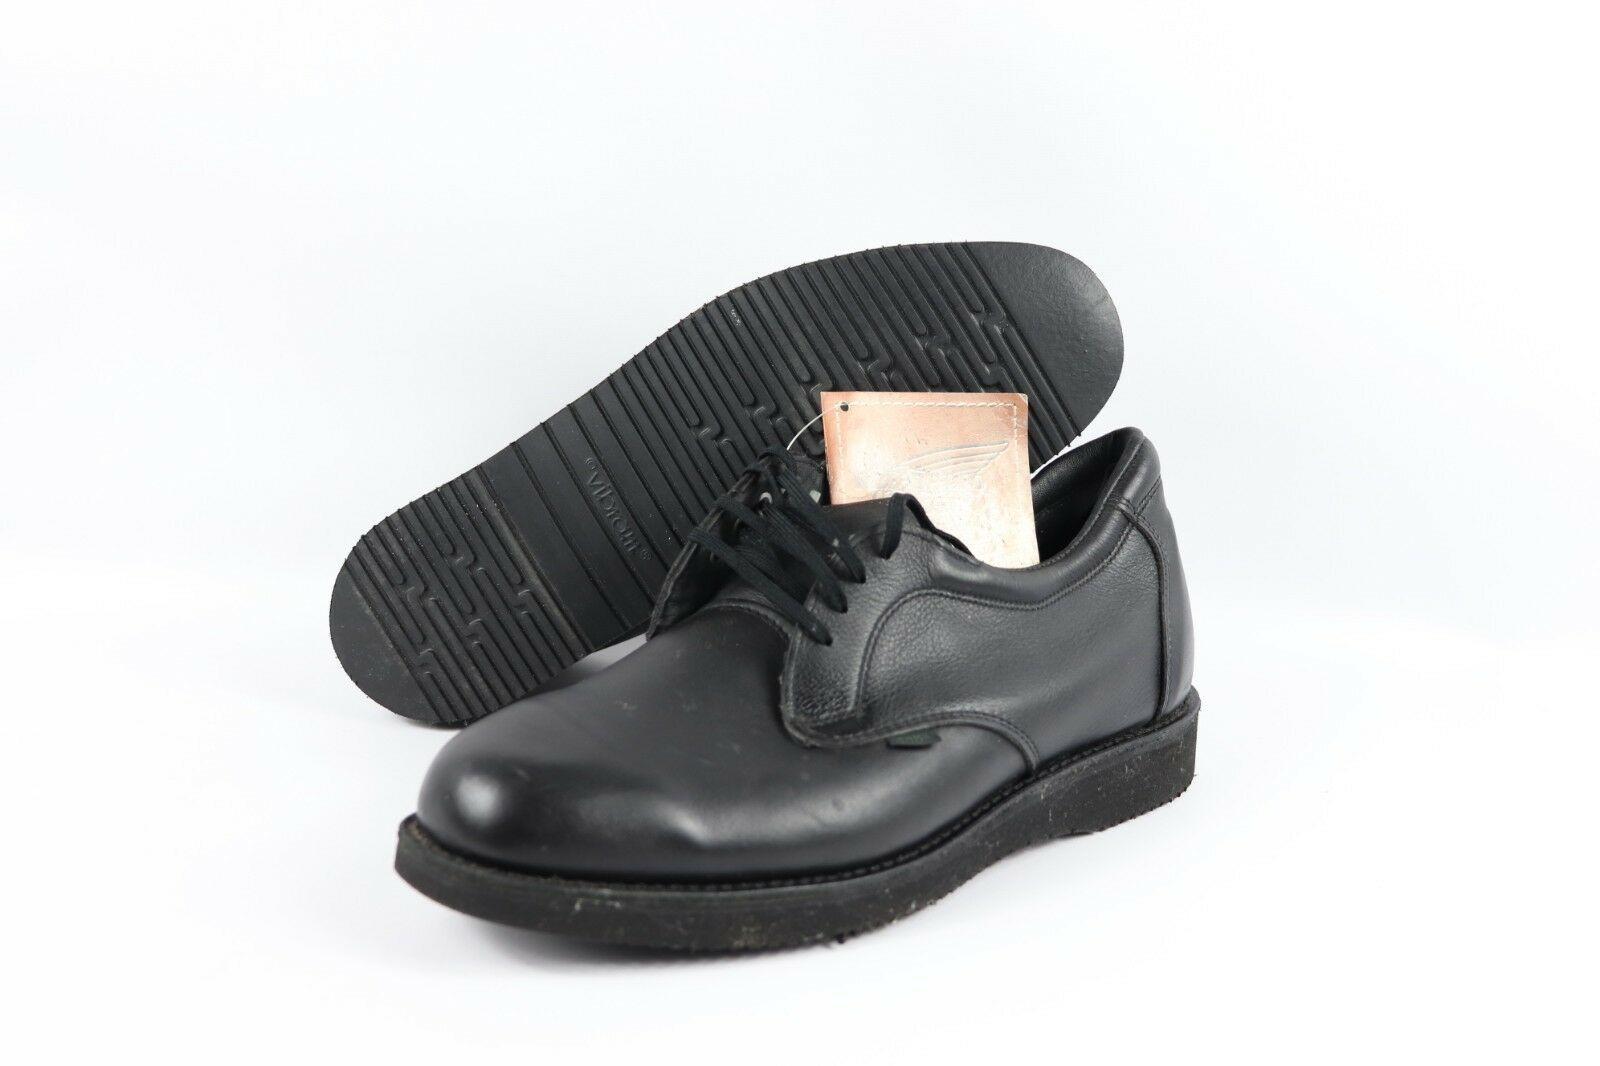 Vintage Nuevo Red Wing Shoes Hombre 11 D 9126 Punta Suave Cuero Oxford Cartero